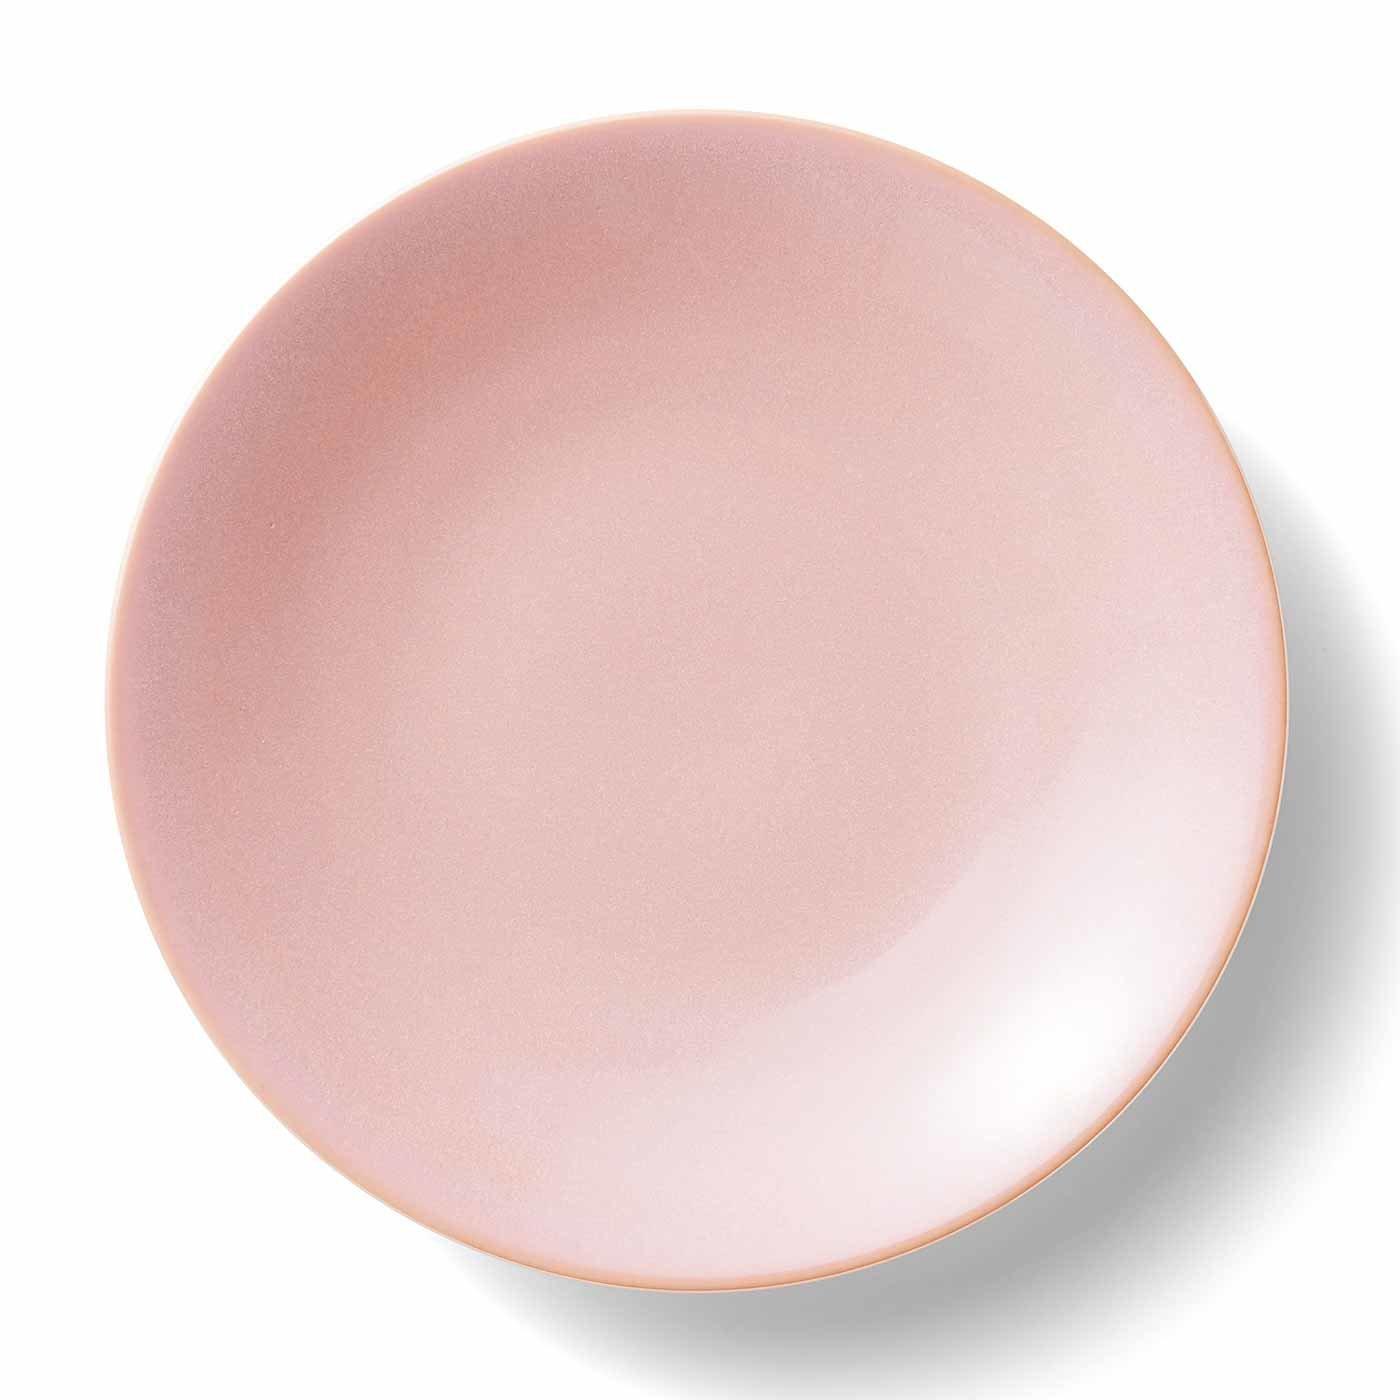 味わい深い ピンクの大皿の会